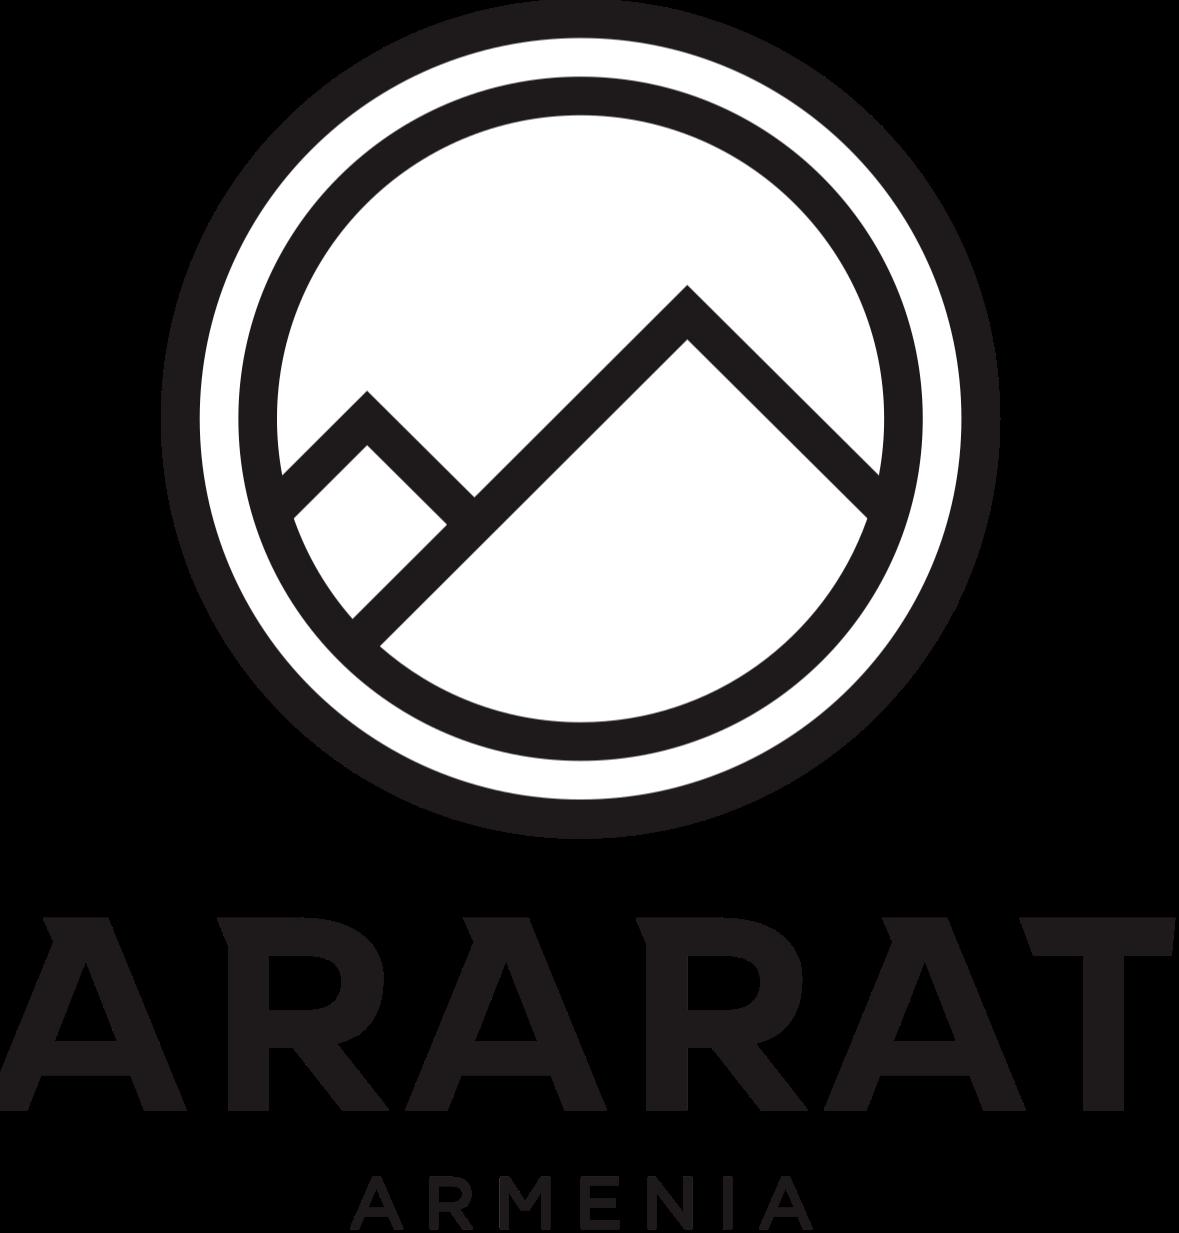 阿拉拉特亚美尼亚